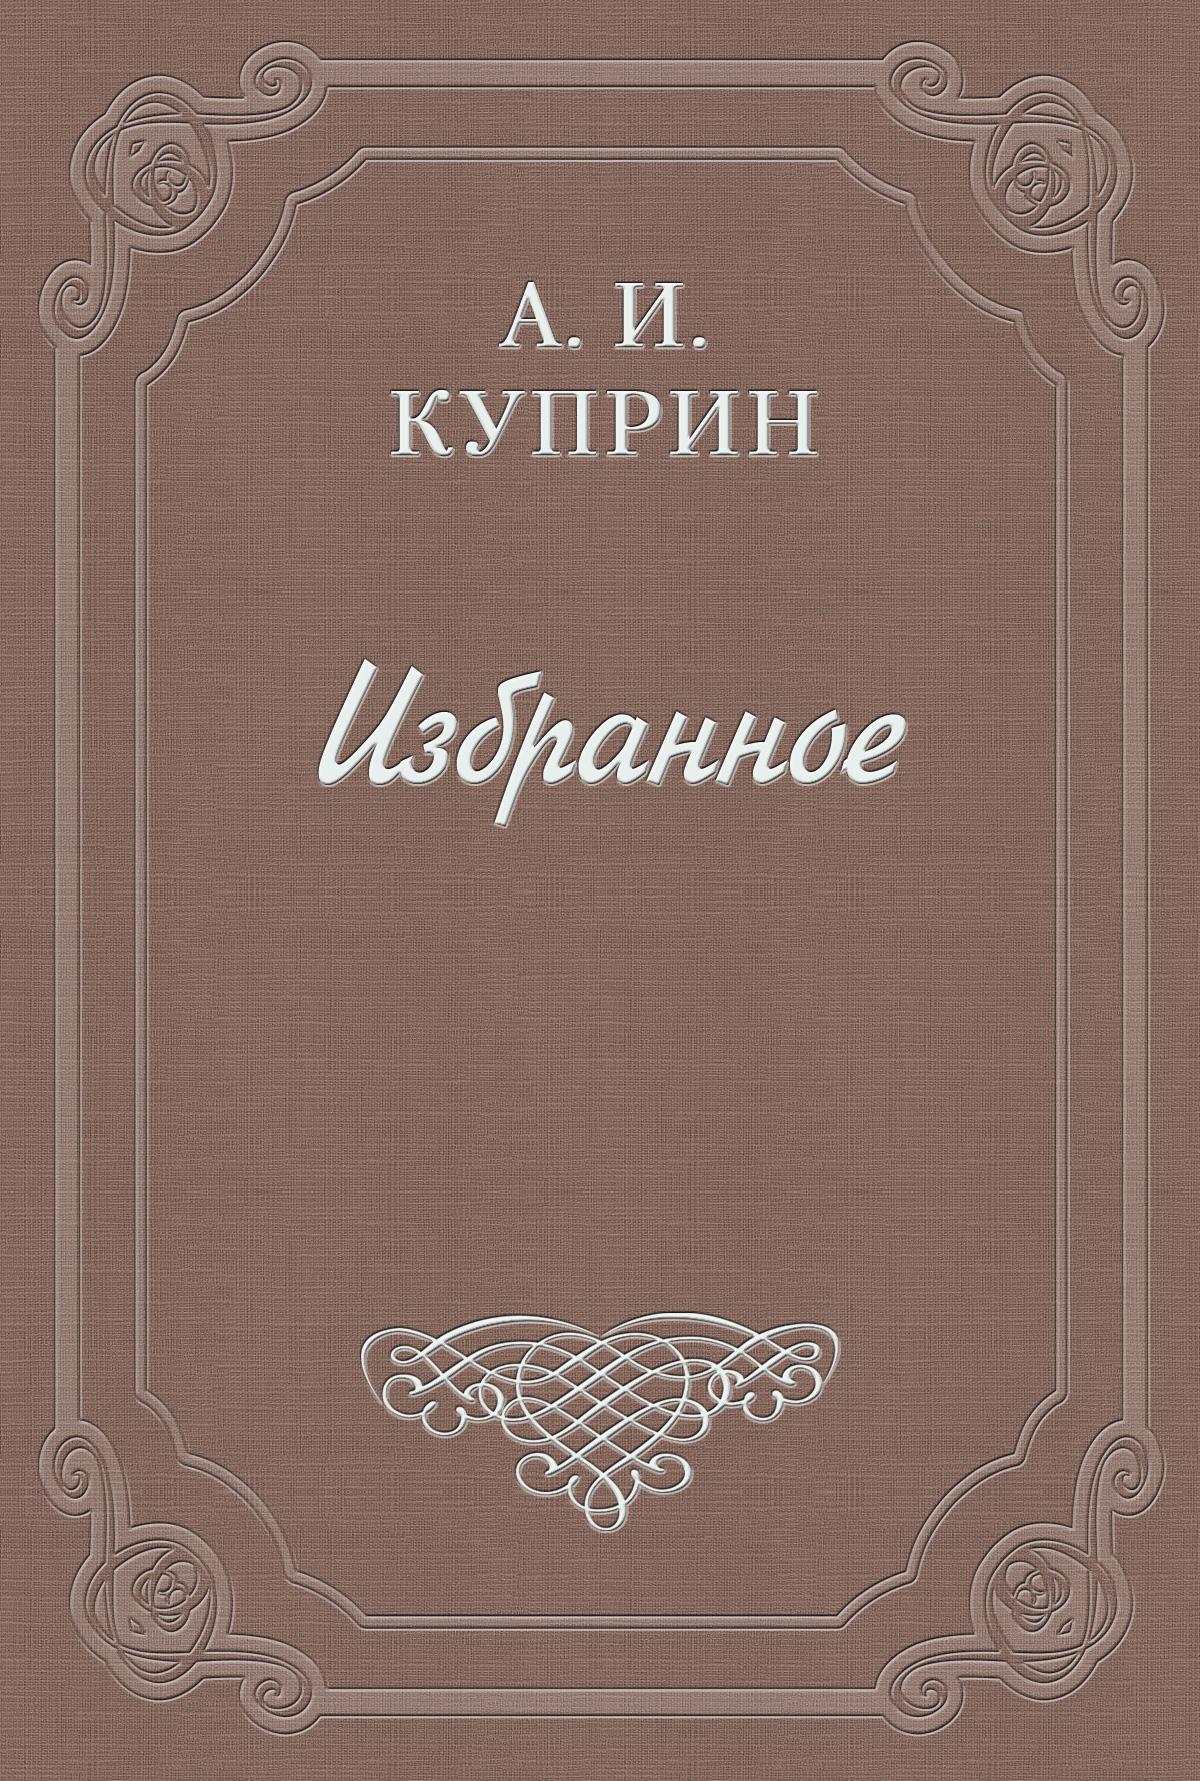 Владимир Ульянов-Ленин – Александр Куприн